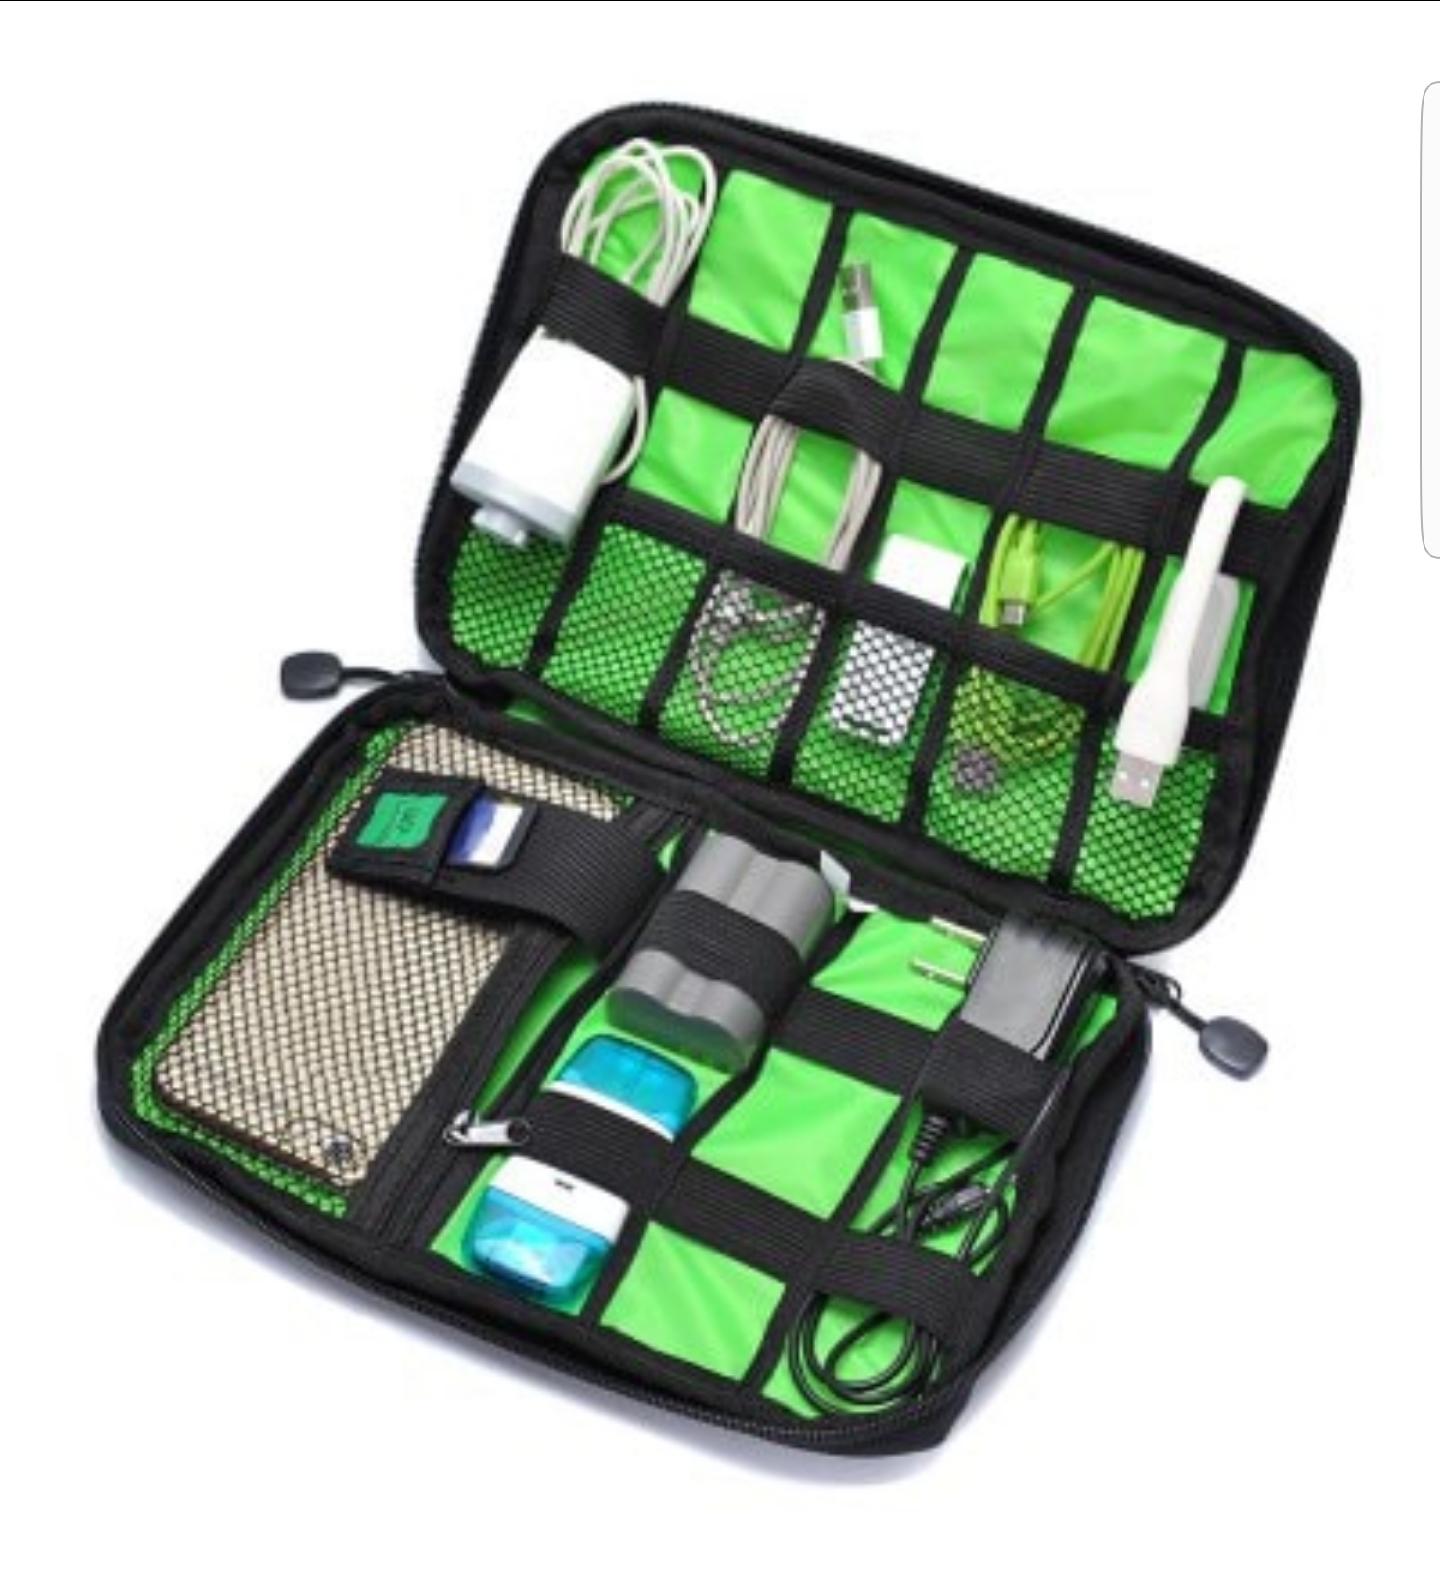 Digital Accessories Storage Case Travel Organizer Bag - £2.38 @ Gearbest